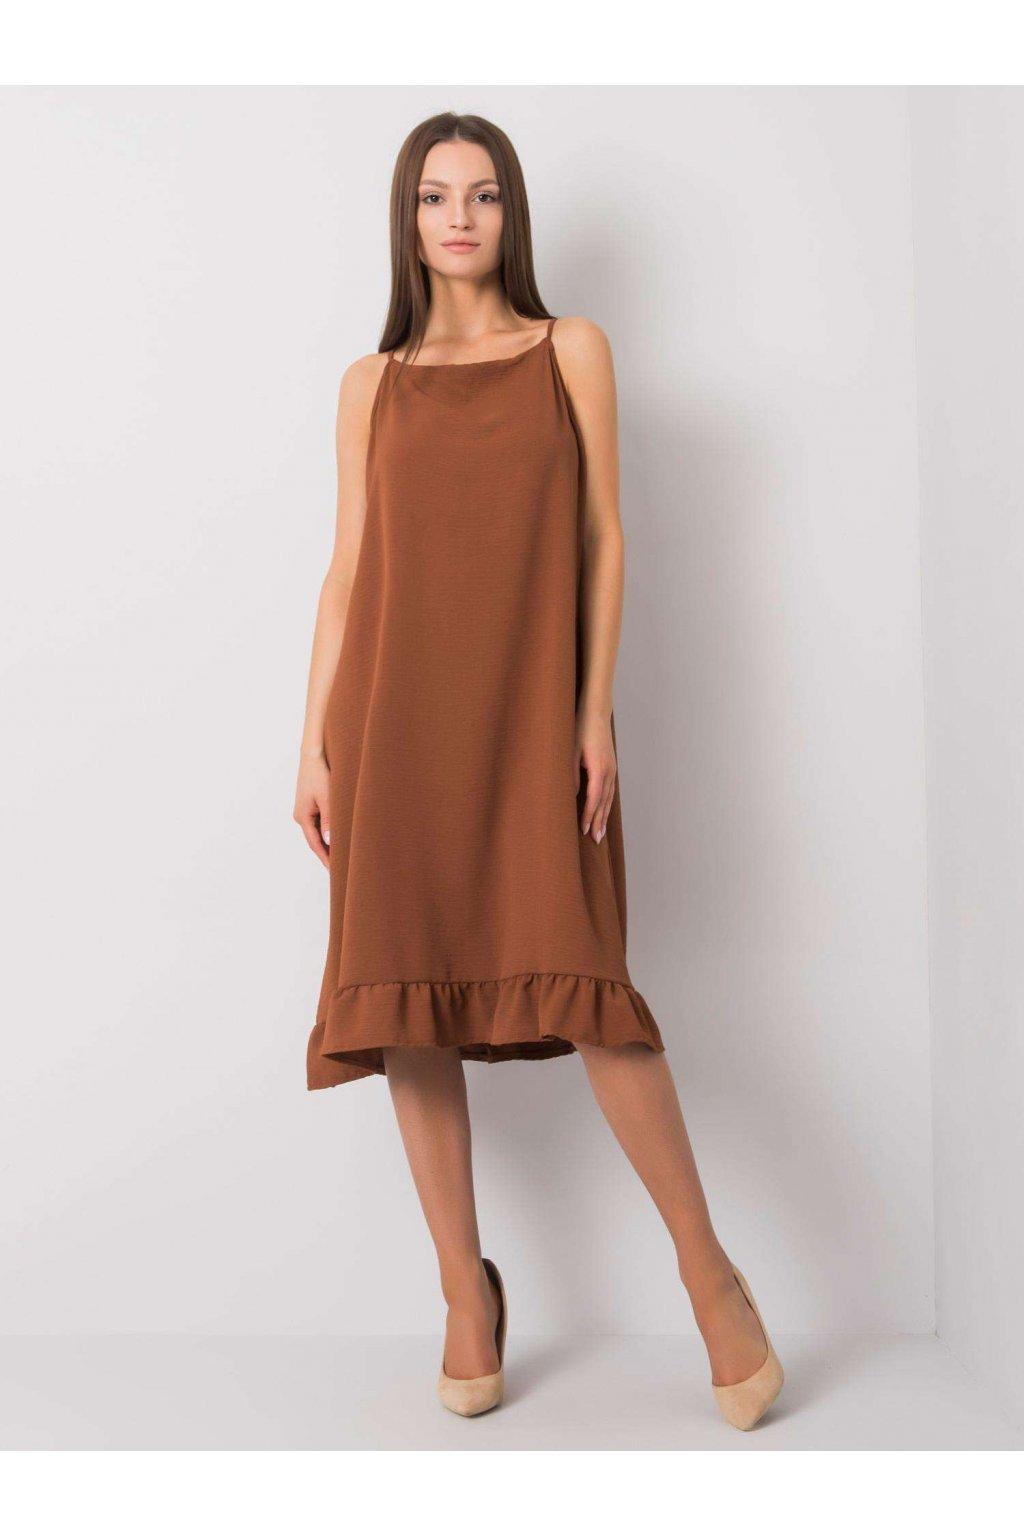 pol pl Brazowa sukienka na ramiaczkach Simone 367542 1